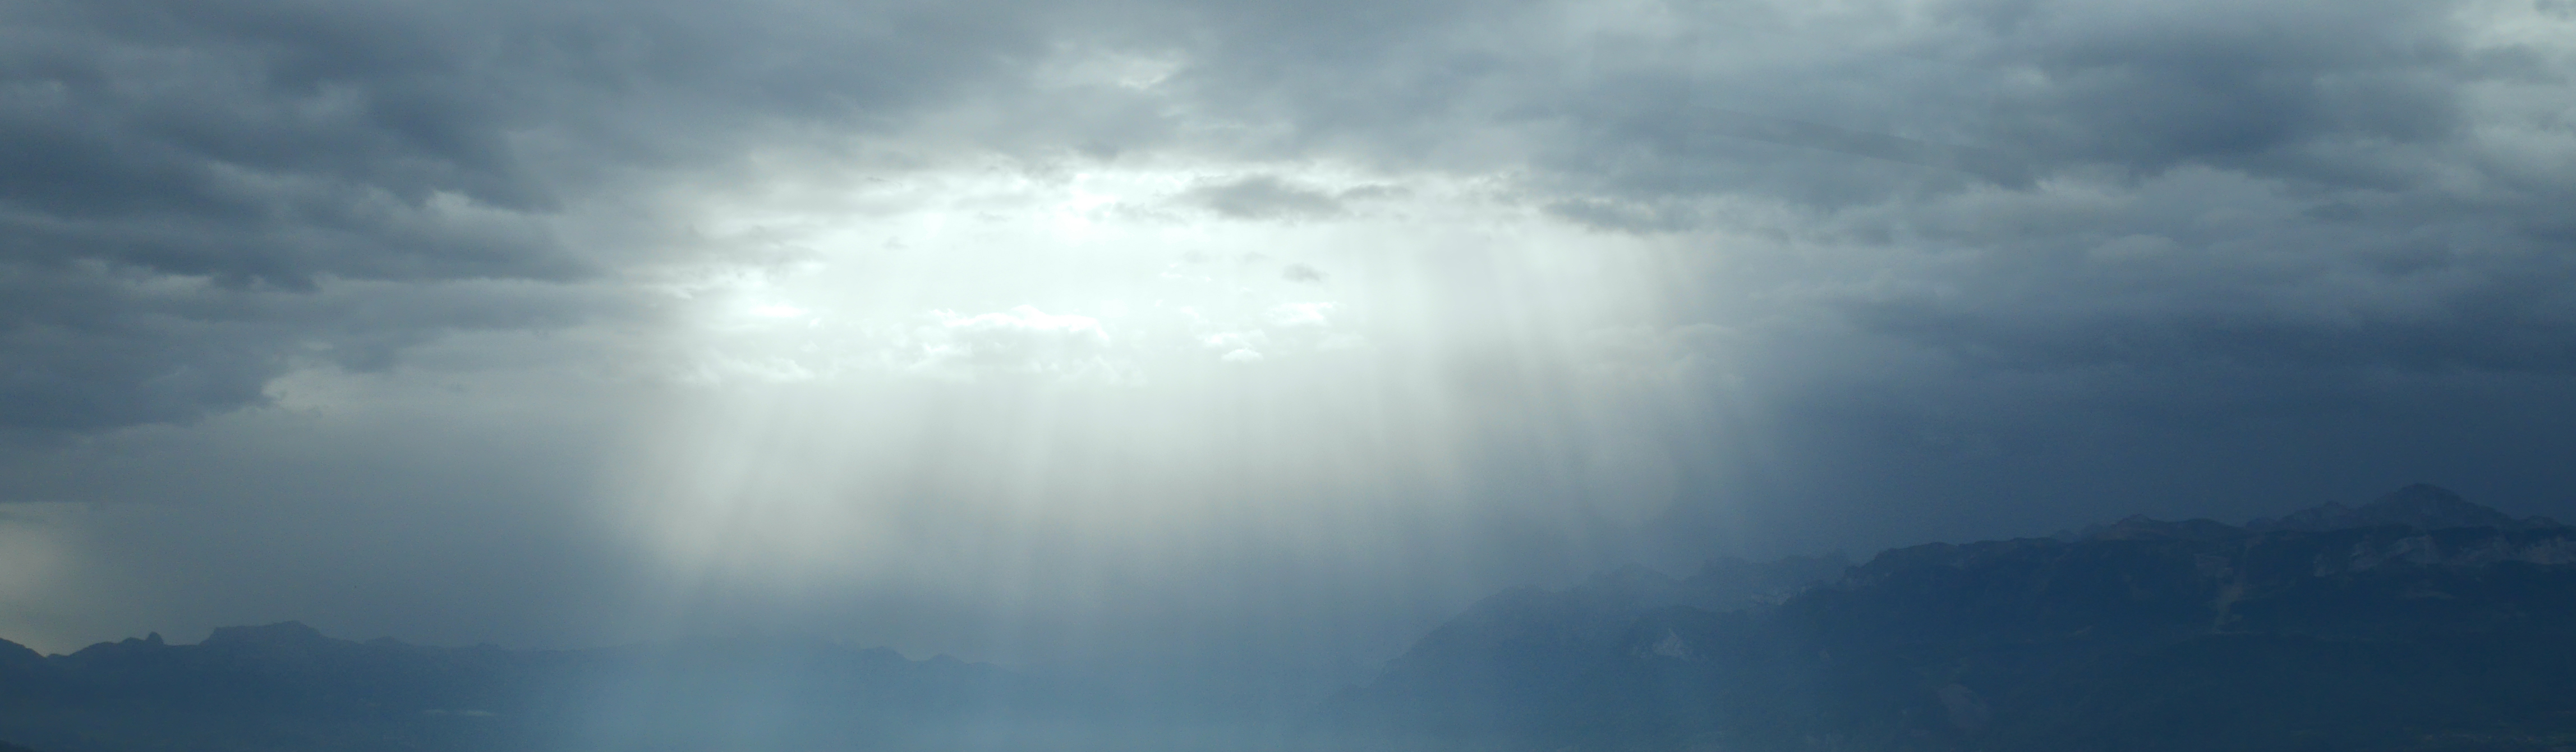 Ciel nuageux et rayons de soleil qui percent à travers les nuages